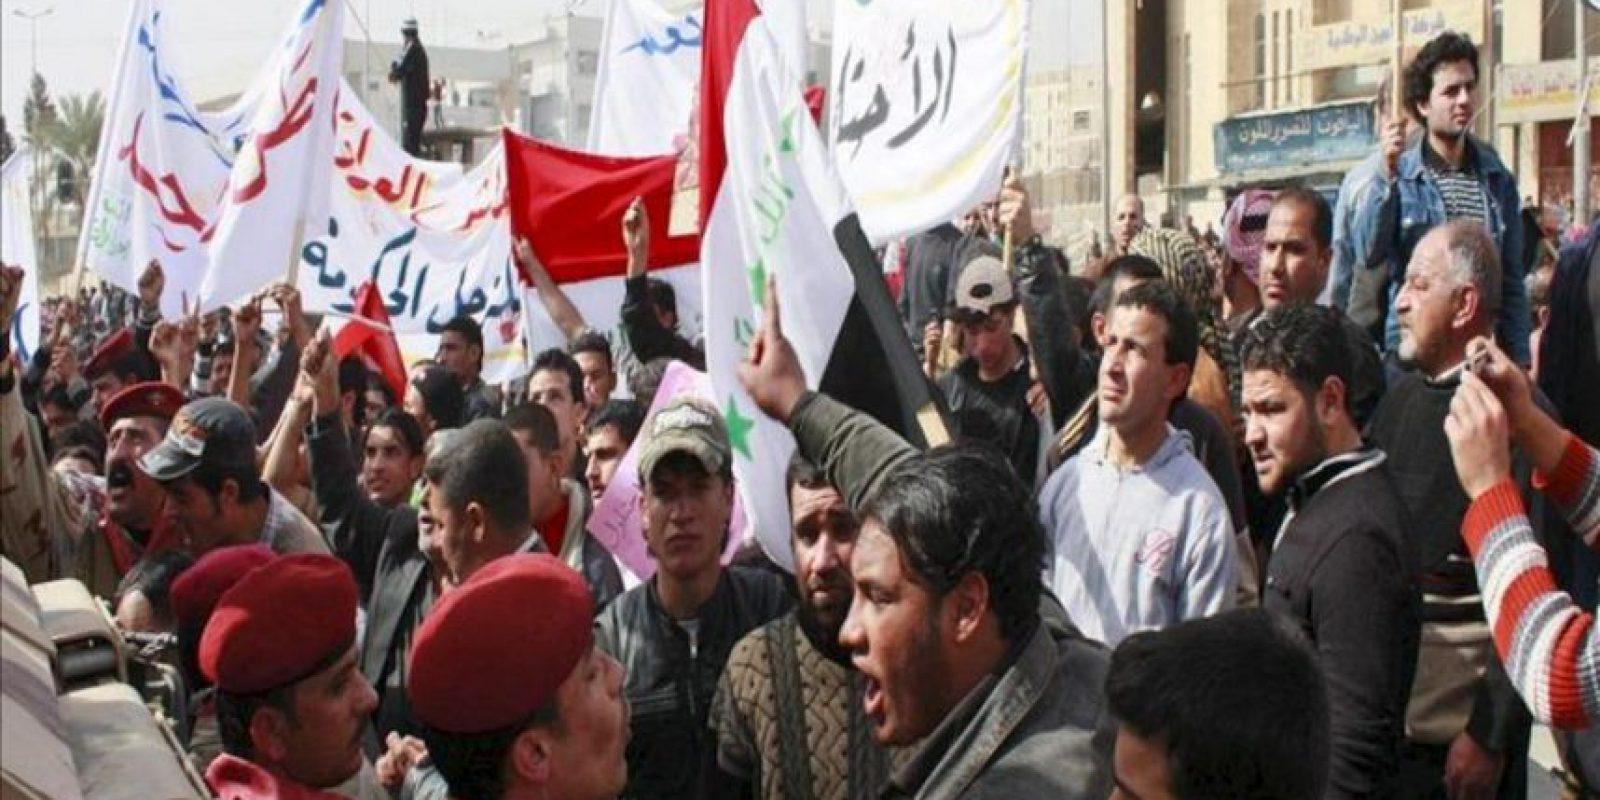 Manifestantes iraquíes gritan consignas durante una manifestación en Mosul, al norte de Irak. EFE/Archivo